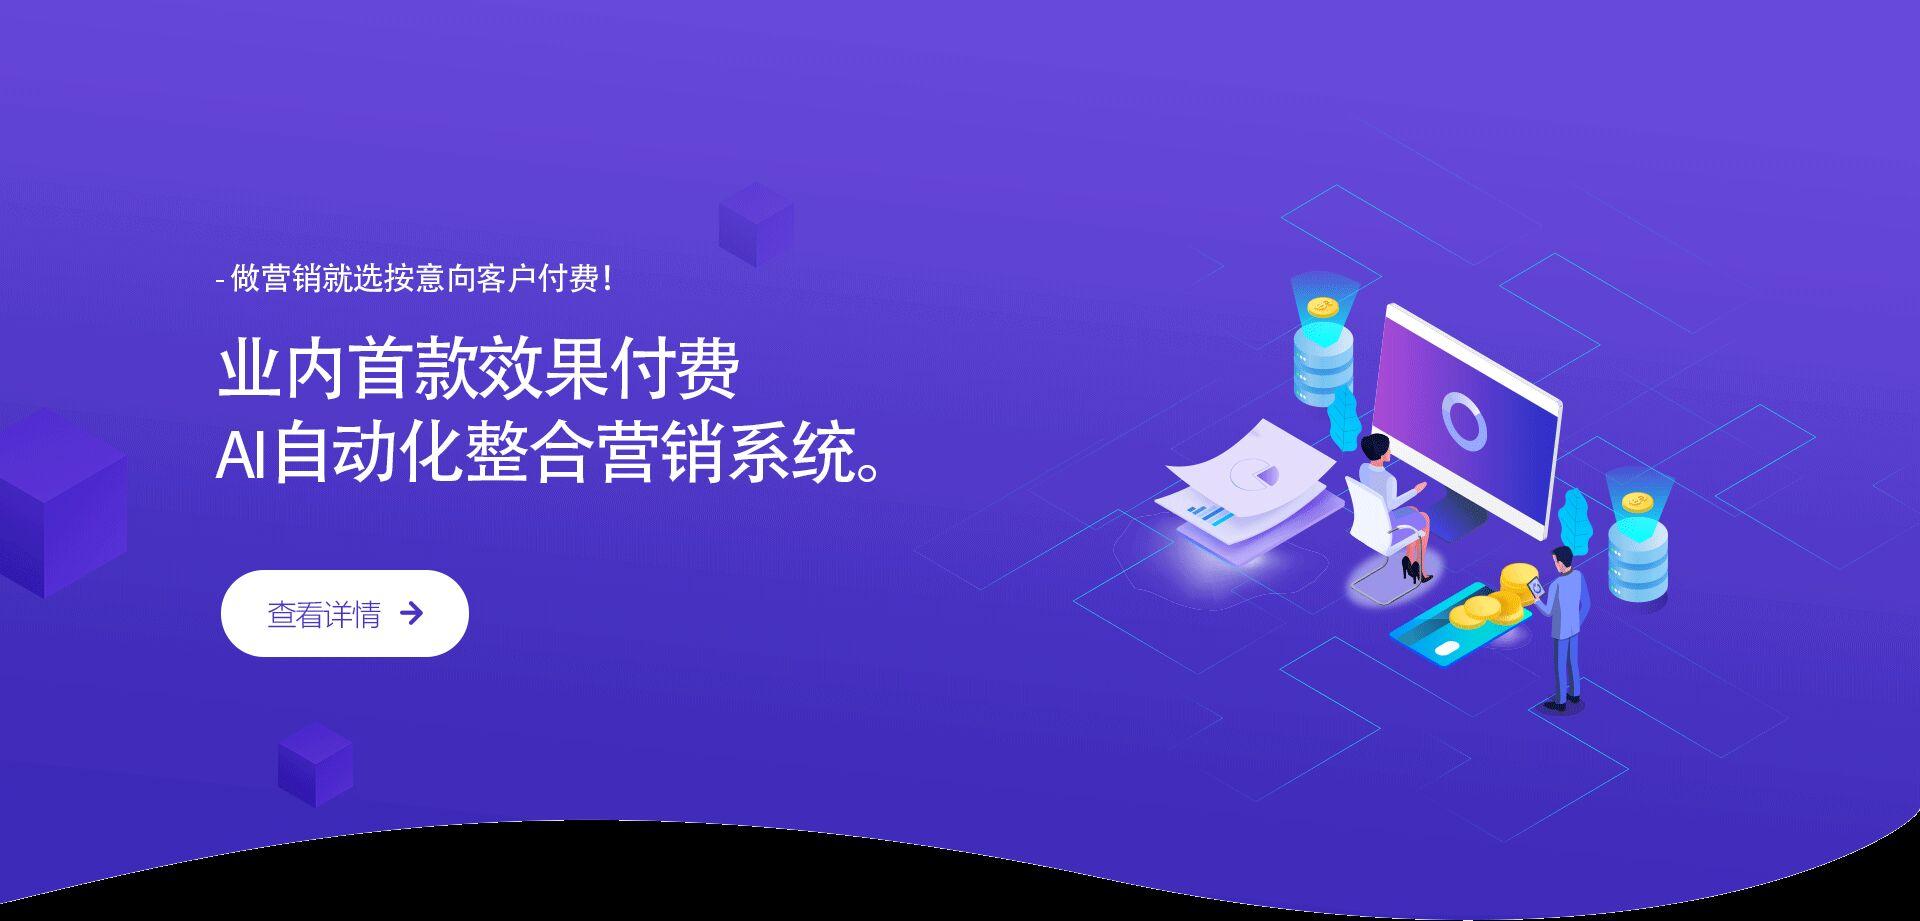 农产品怎样精准营销_软件进行编程开发软件联系琥源科技-上海琥源科技有限公司